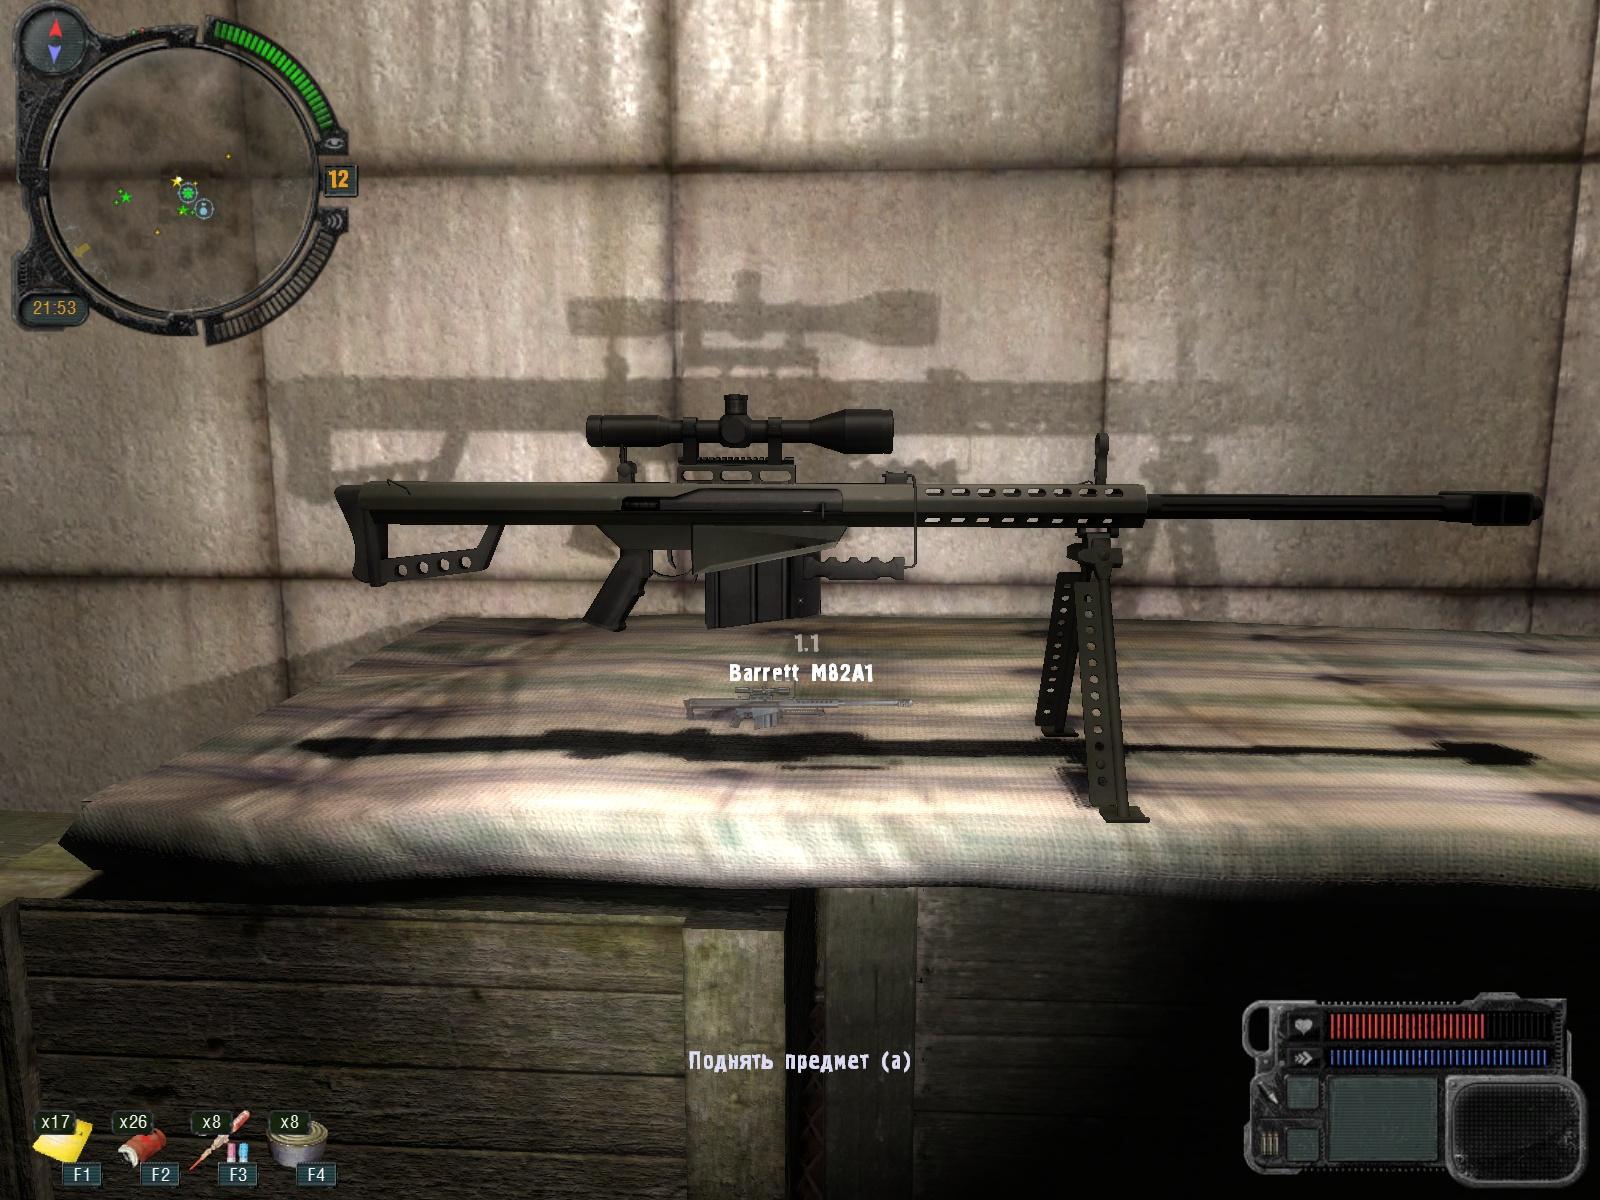 новые модели оружия для сталкер зп